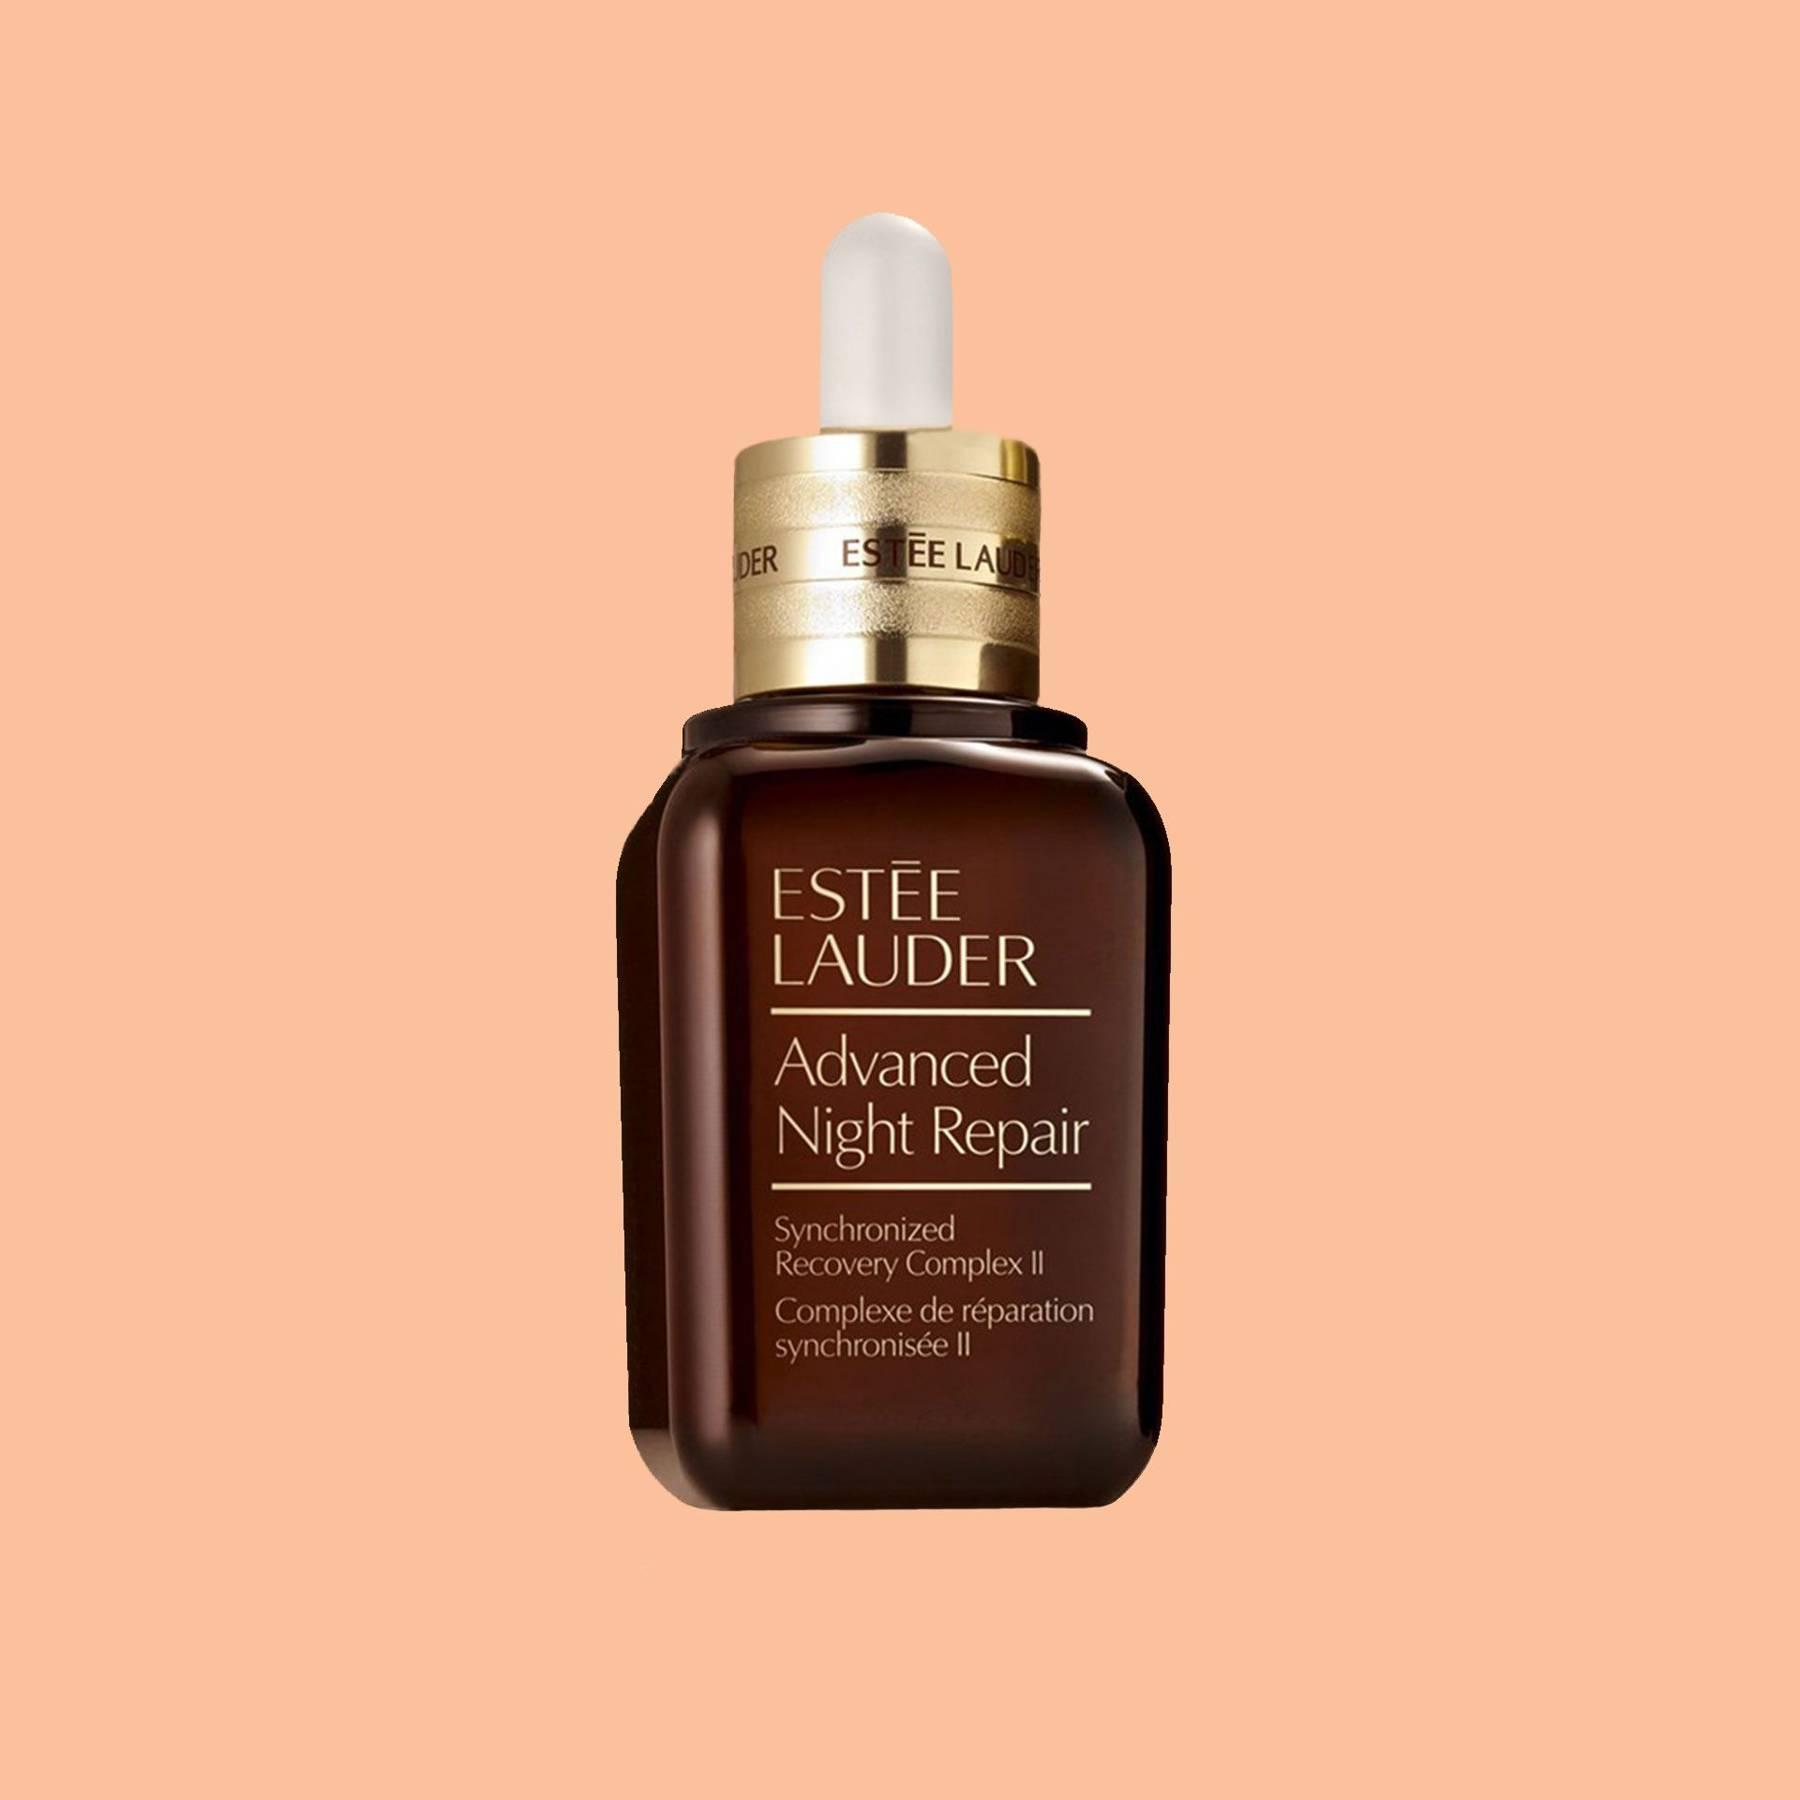 Estée Lauder Advanced Night Repair Review | British Vogue